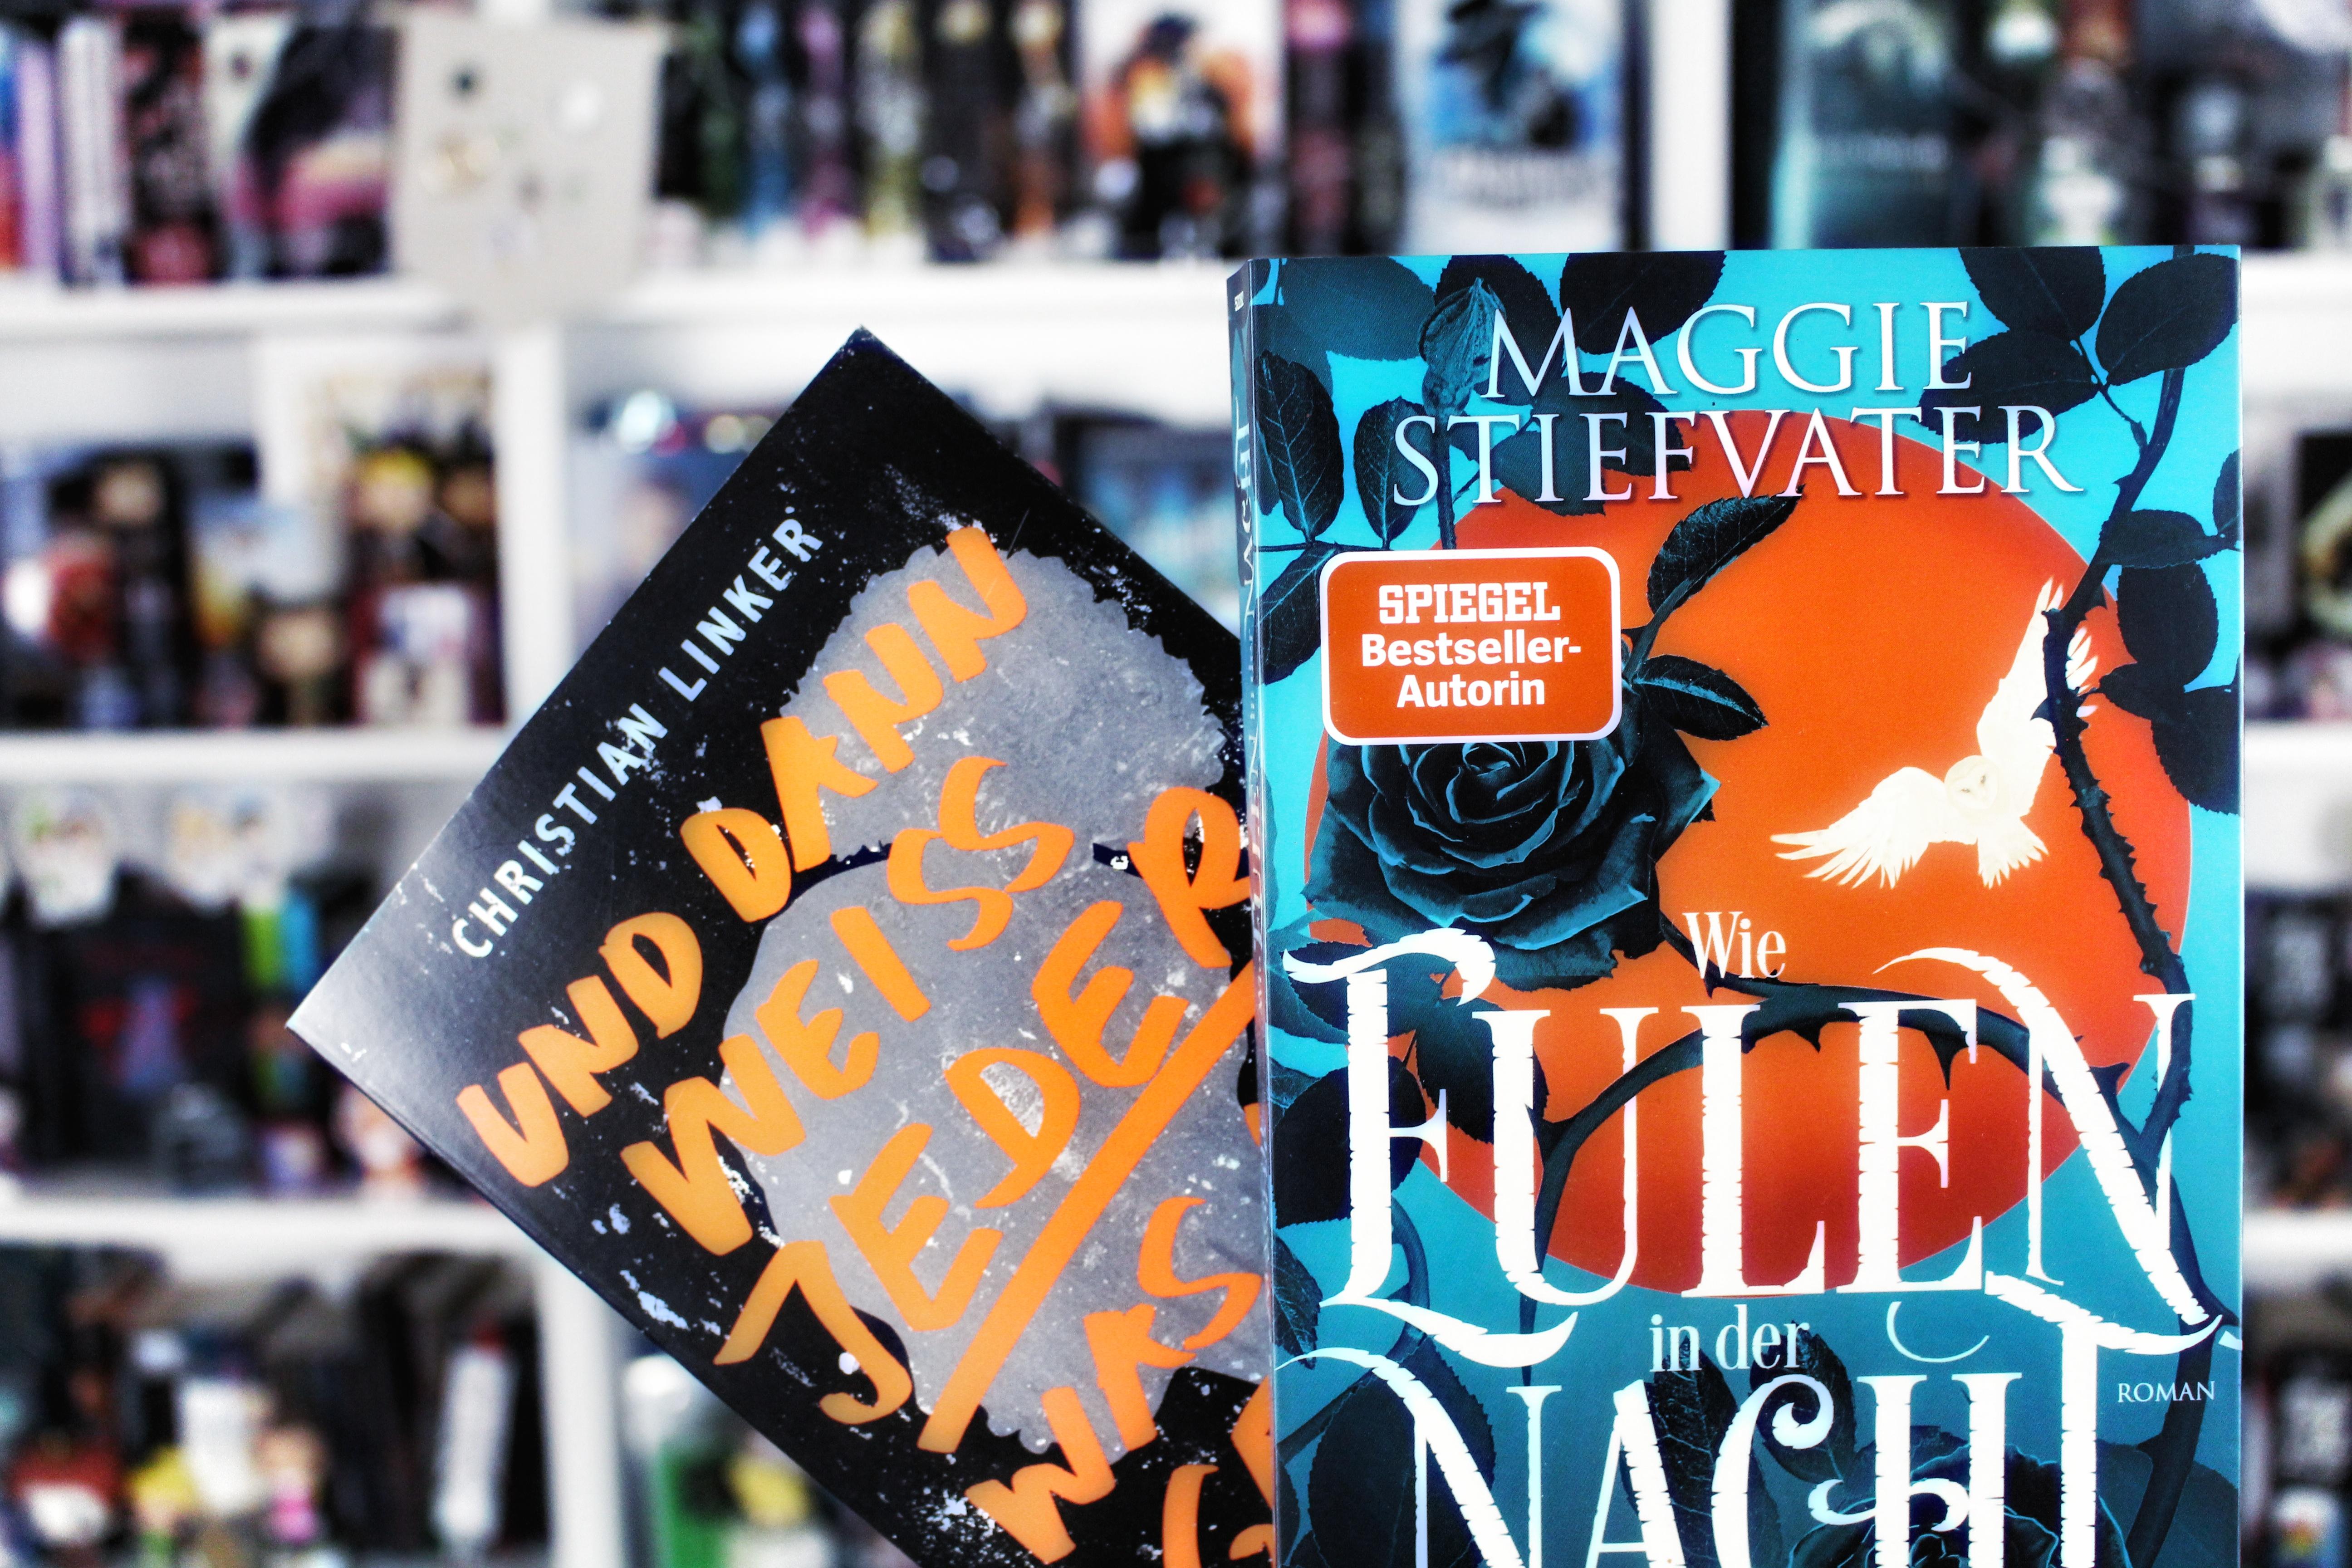 Zwei Bücher, die mich leider nicht begeistern konnten